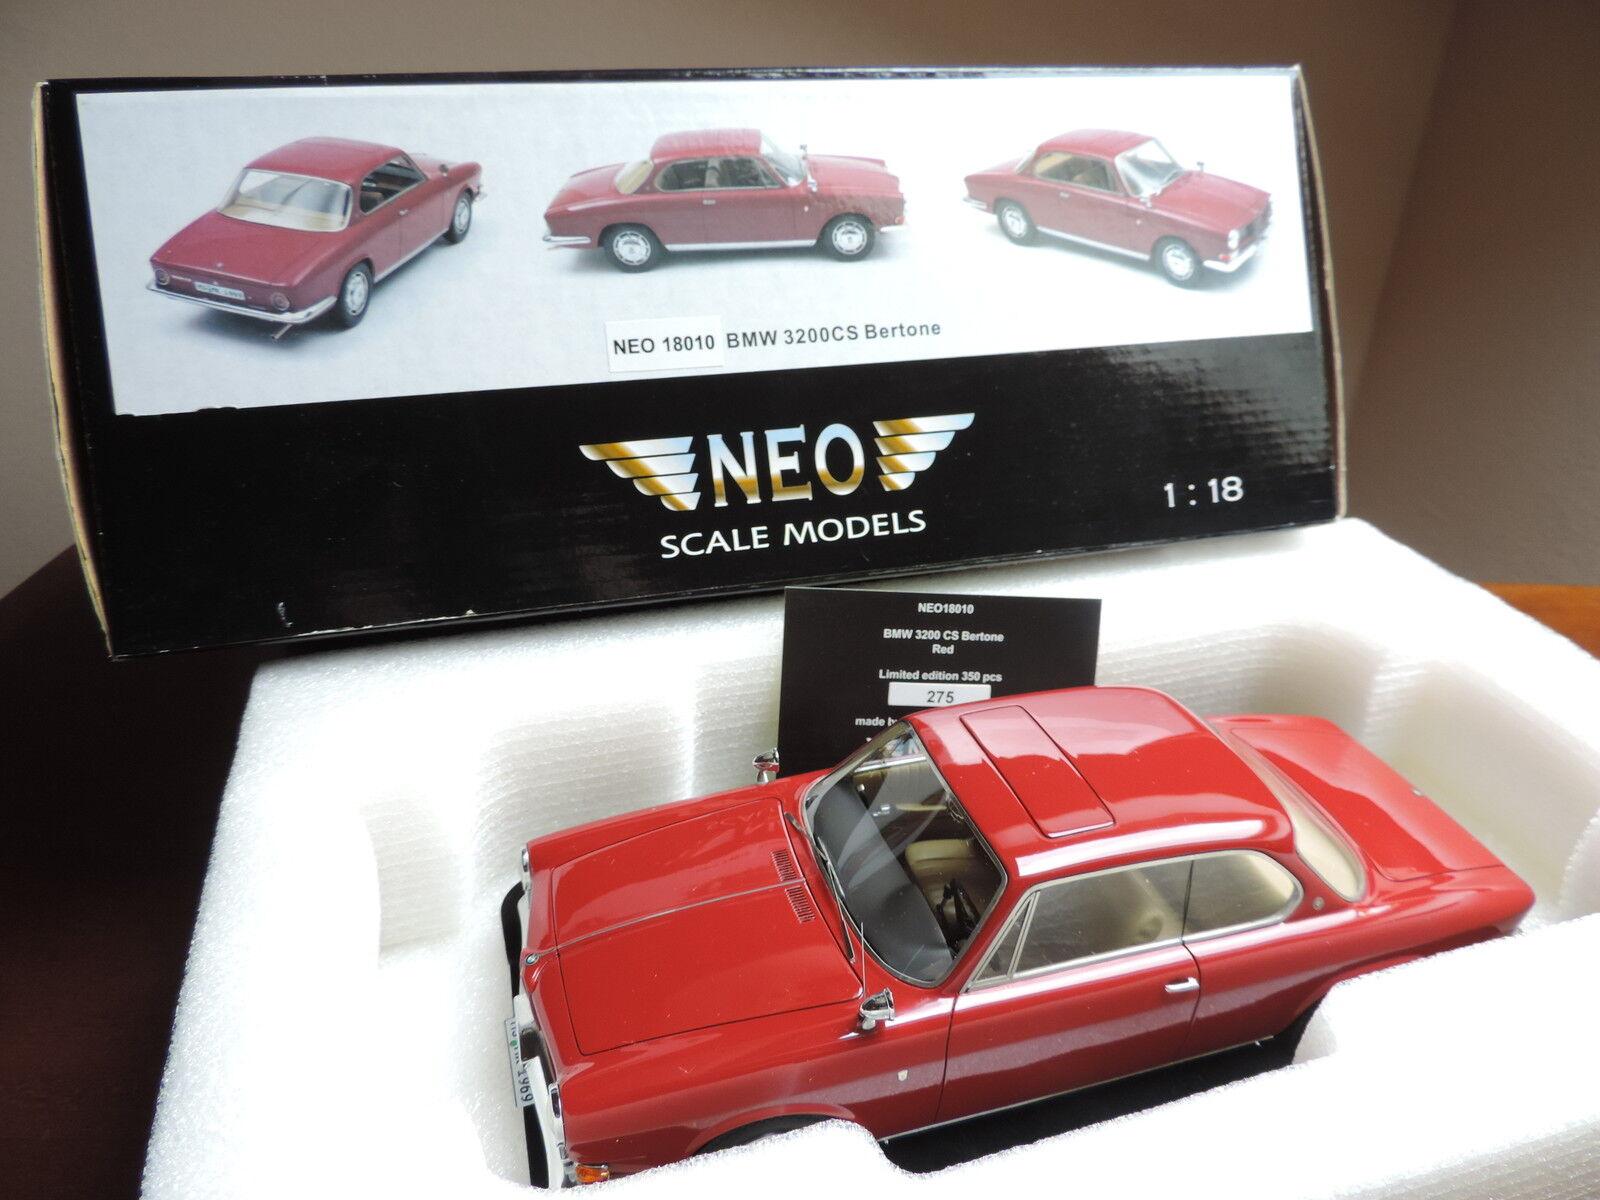 BMW 3200 CS BERTONE 1/18 coupe NEO NEO NEO NEOSCALE no spark GT SPIRIT OTTO OTTOMOBILE bb8449